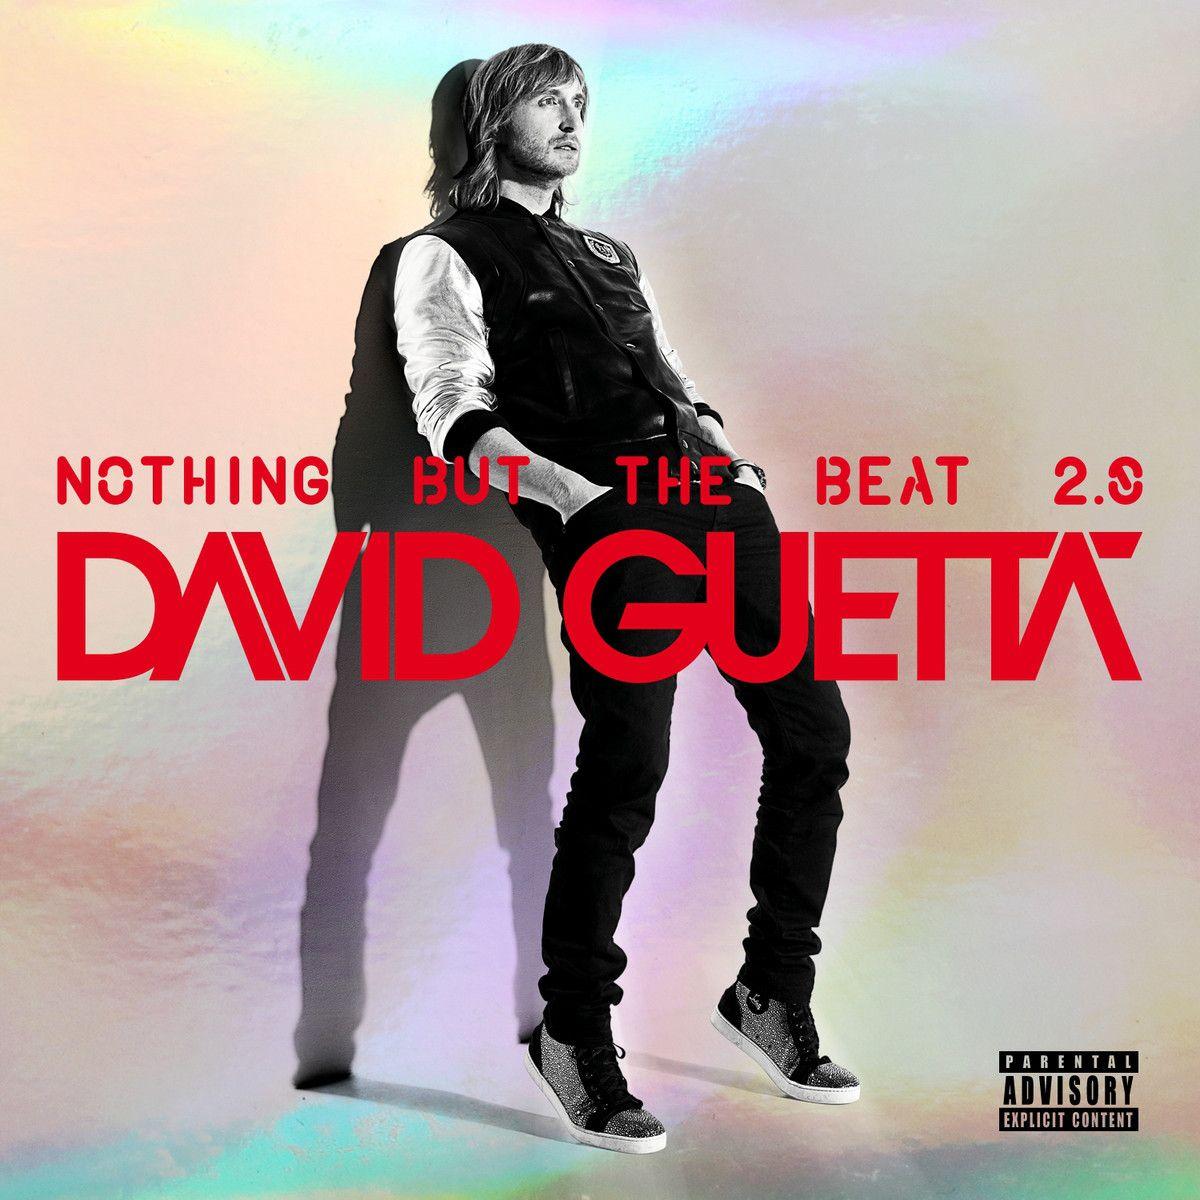 david guetta dj mix #163 mp3